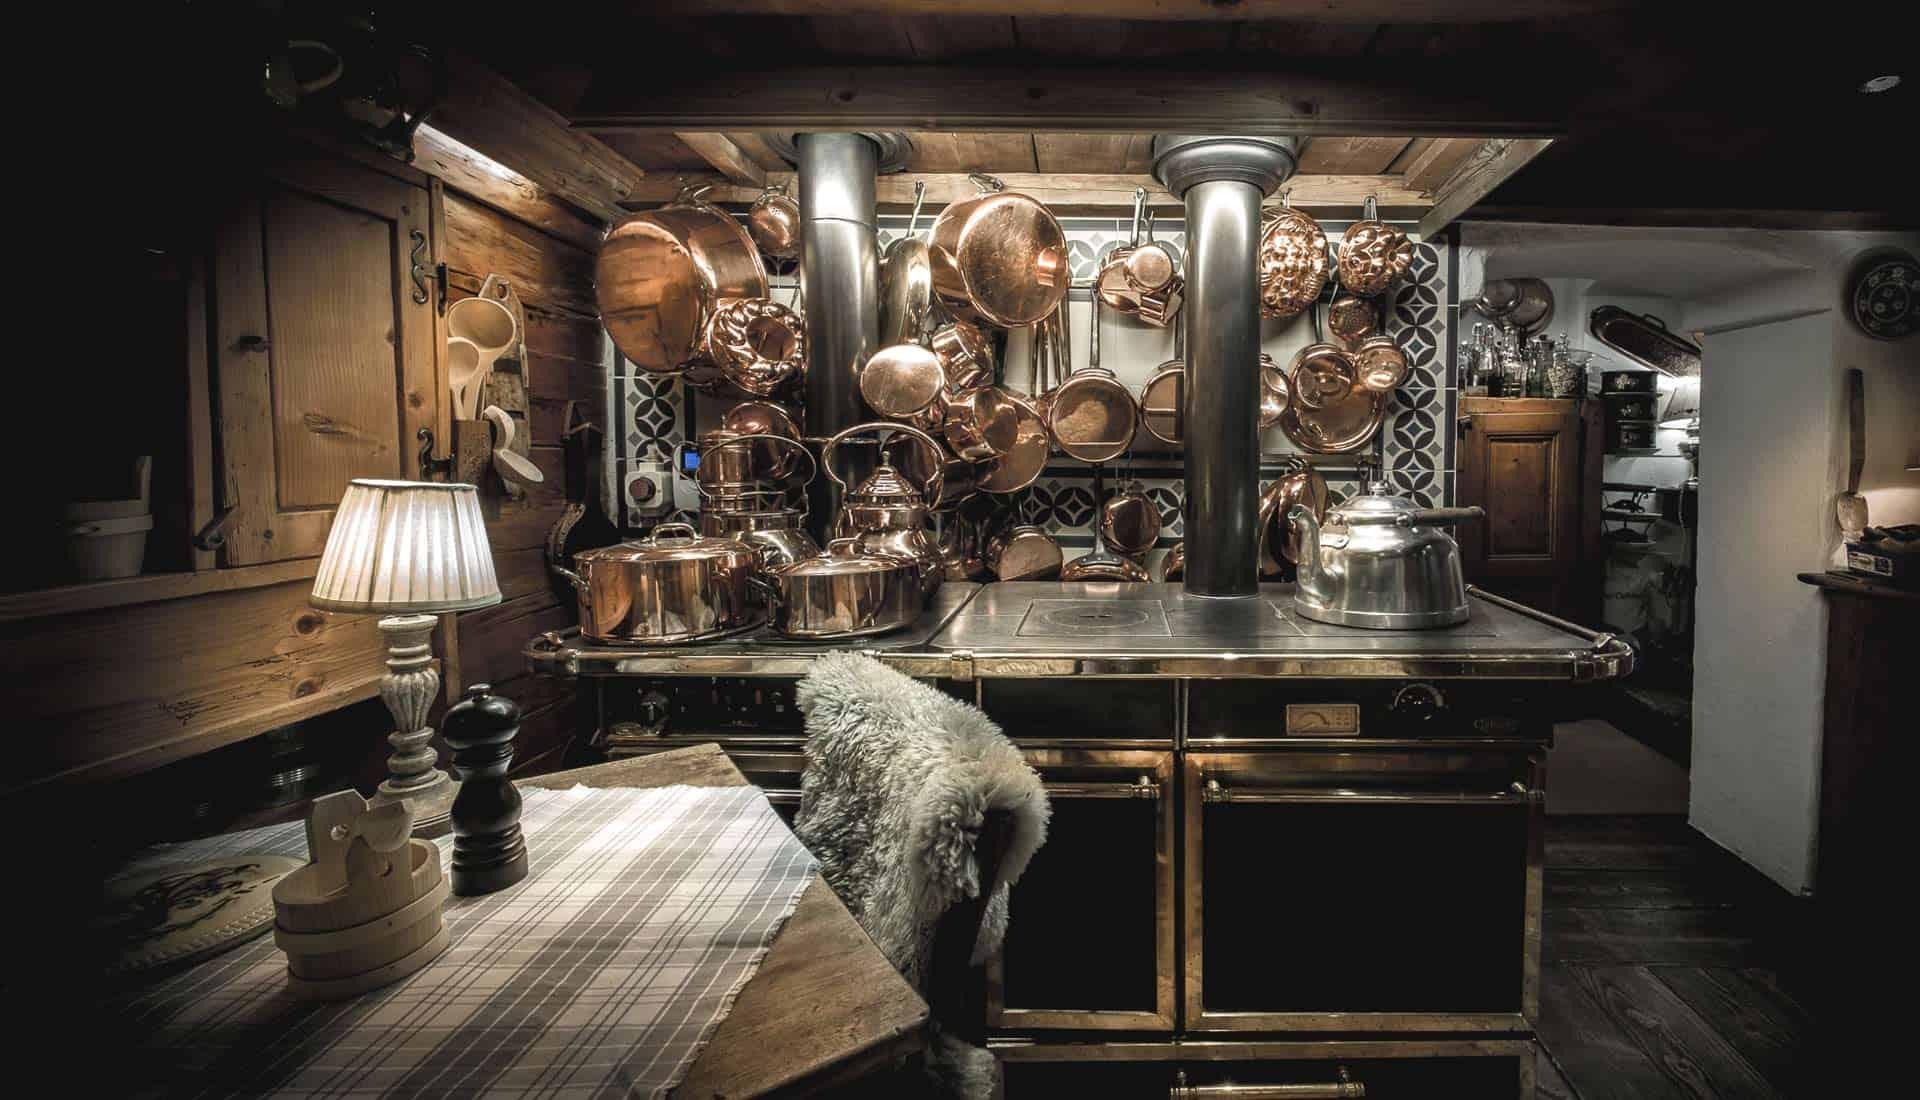 La Ferme des Vônezins restaurant d'alpage en montagne dans les Aravis à Thônes en Haute-Savoie entre le Lac d'Annecy, la Clusaz & le Grand-Bornand